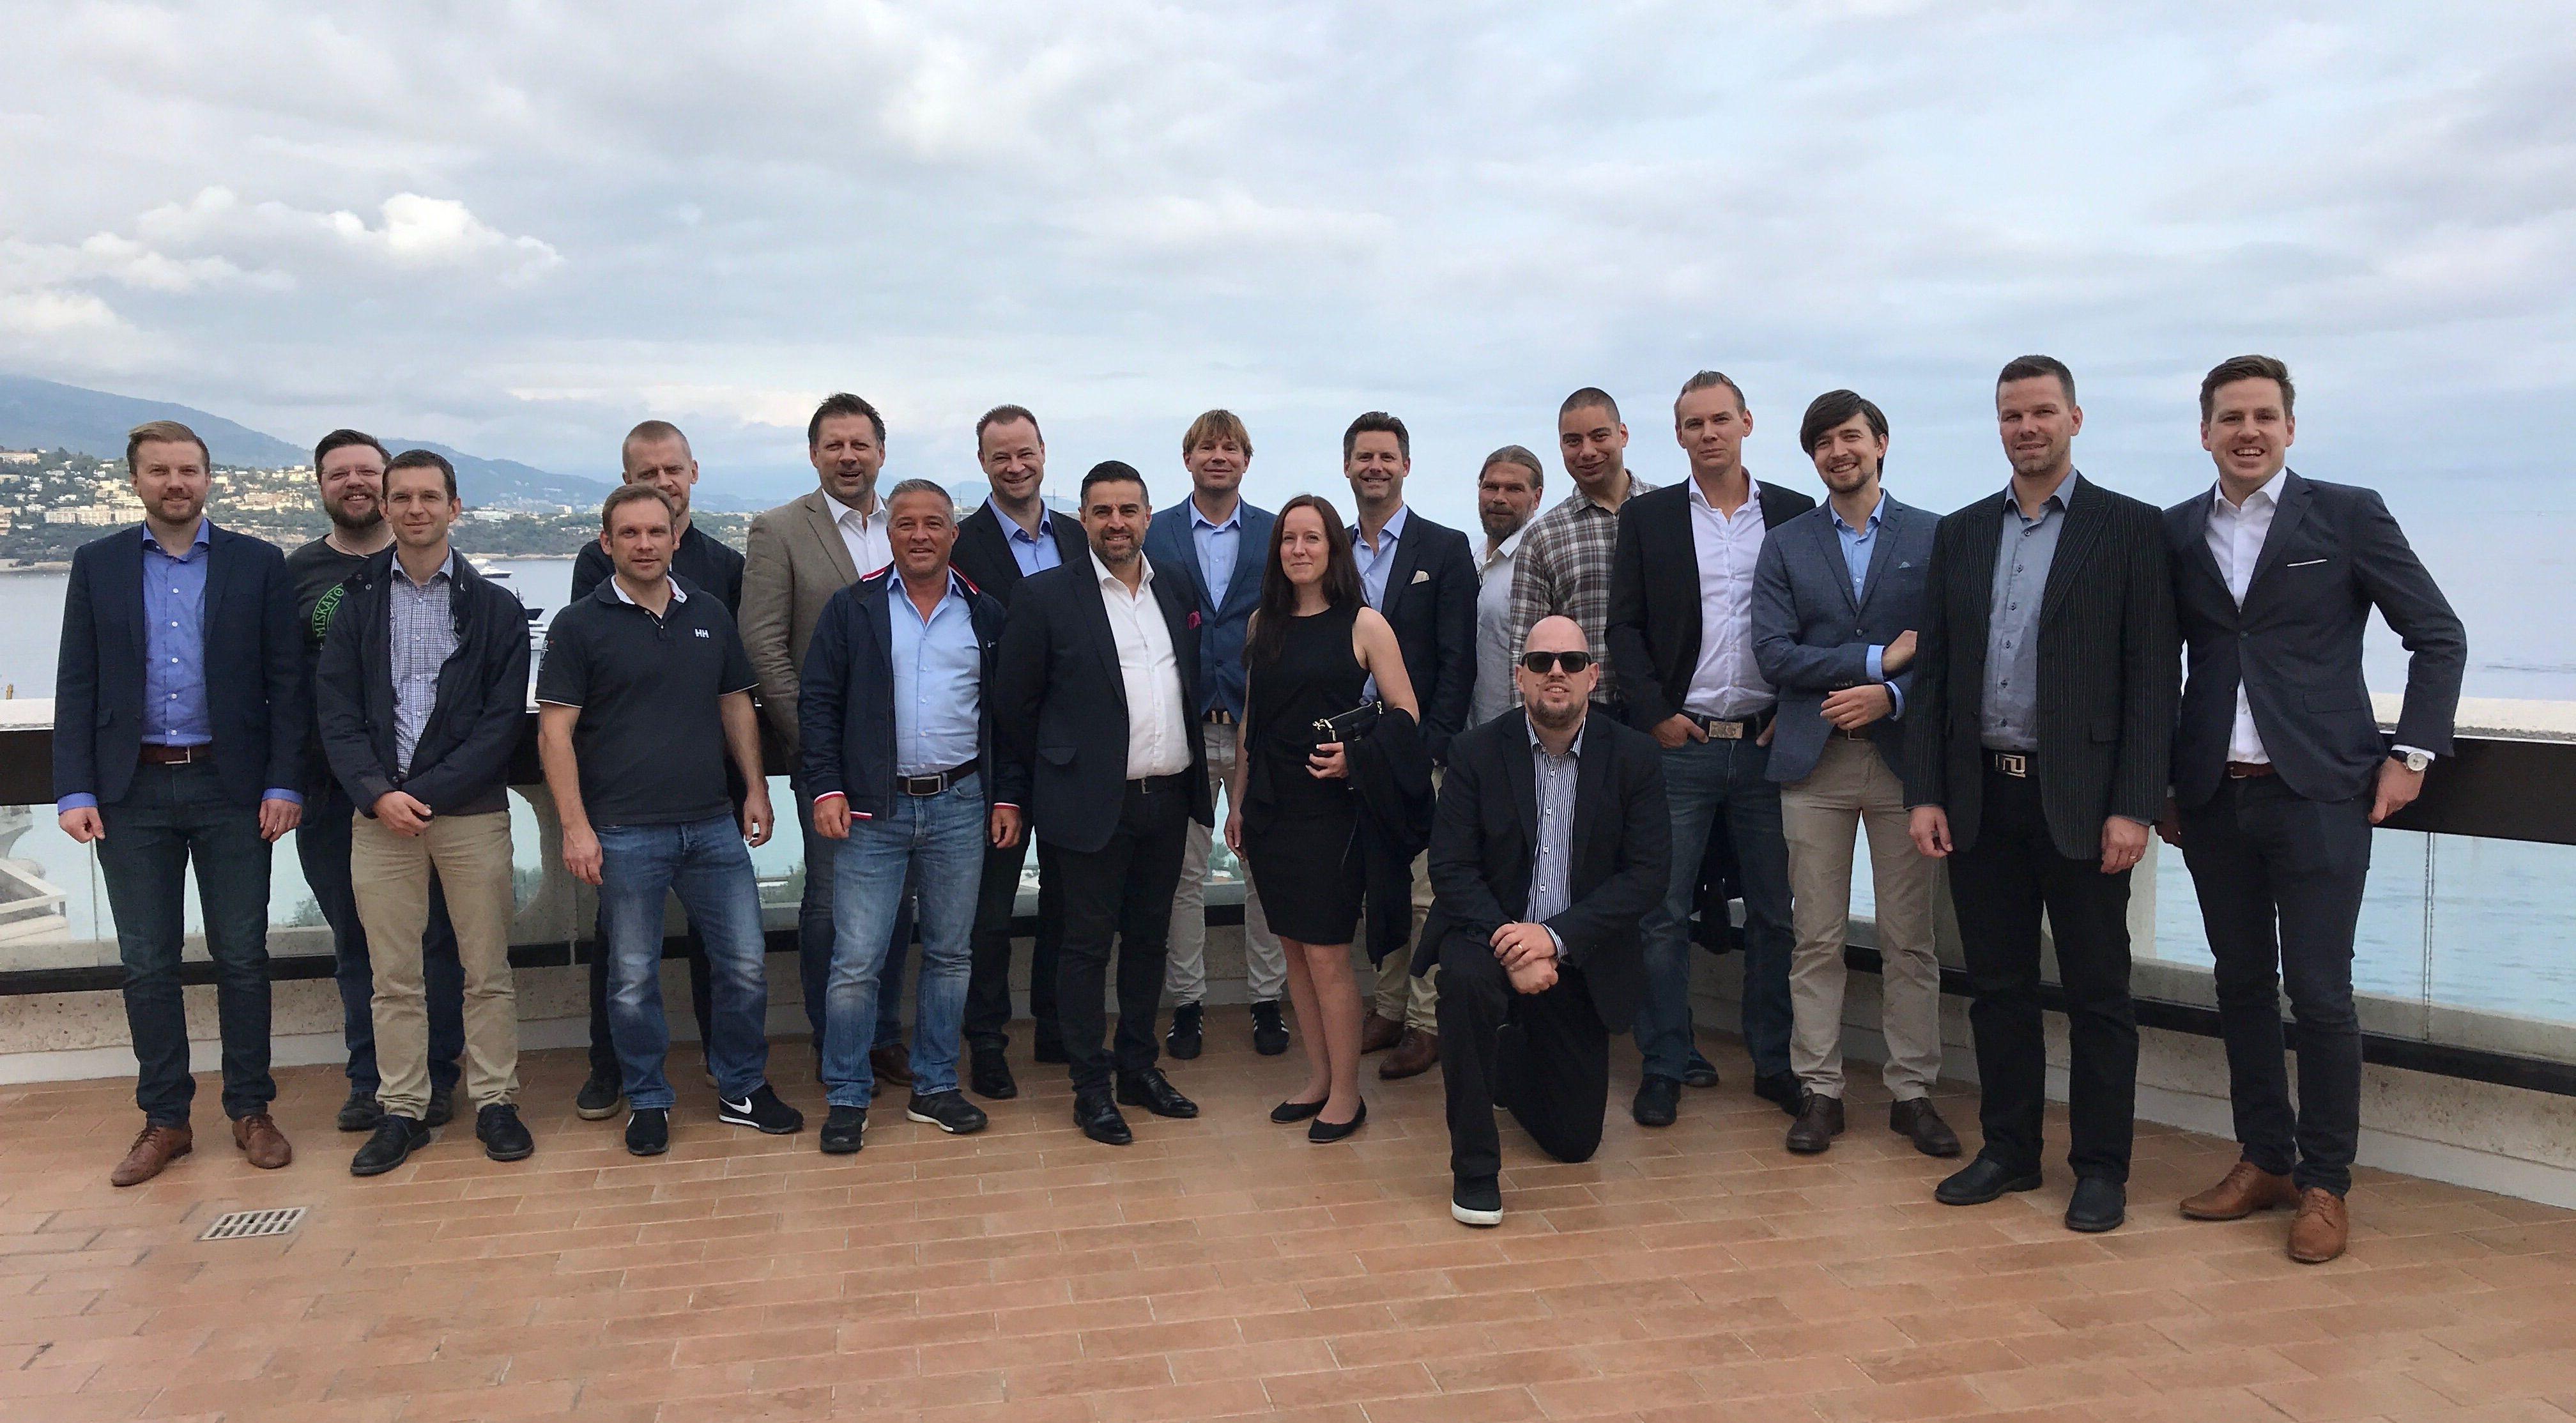 Gruppbild konferens i Nice - Monaco